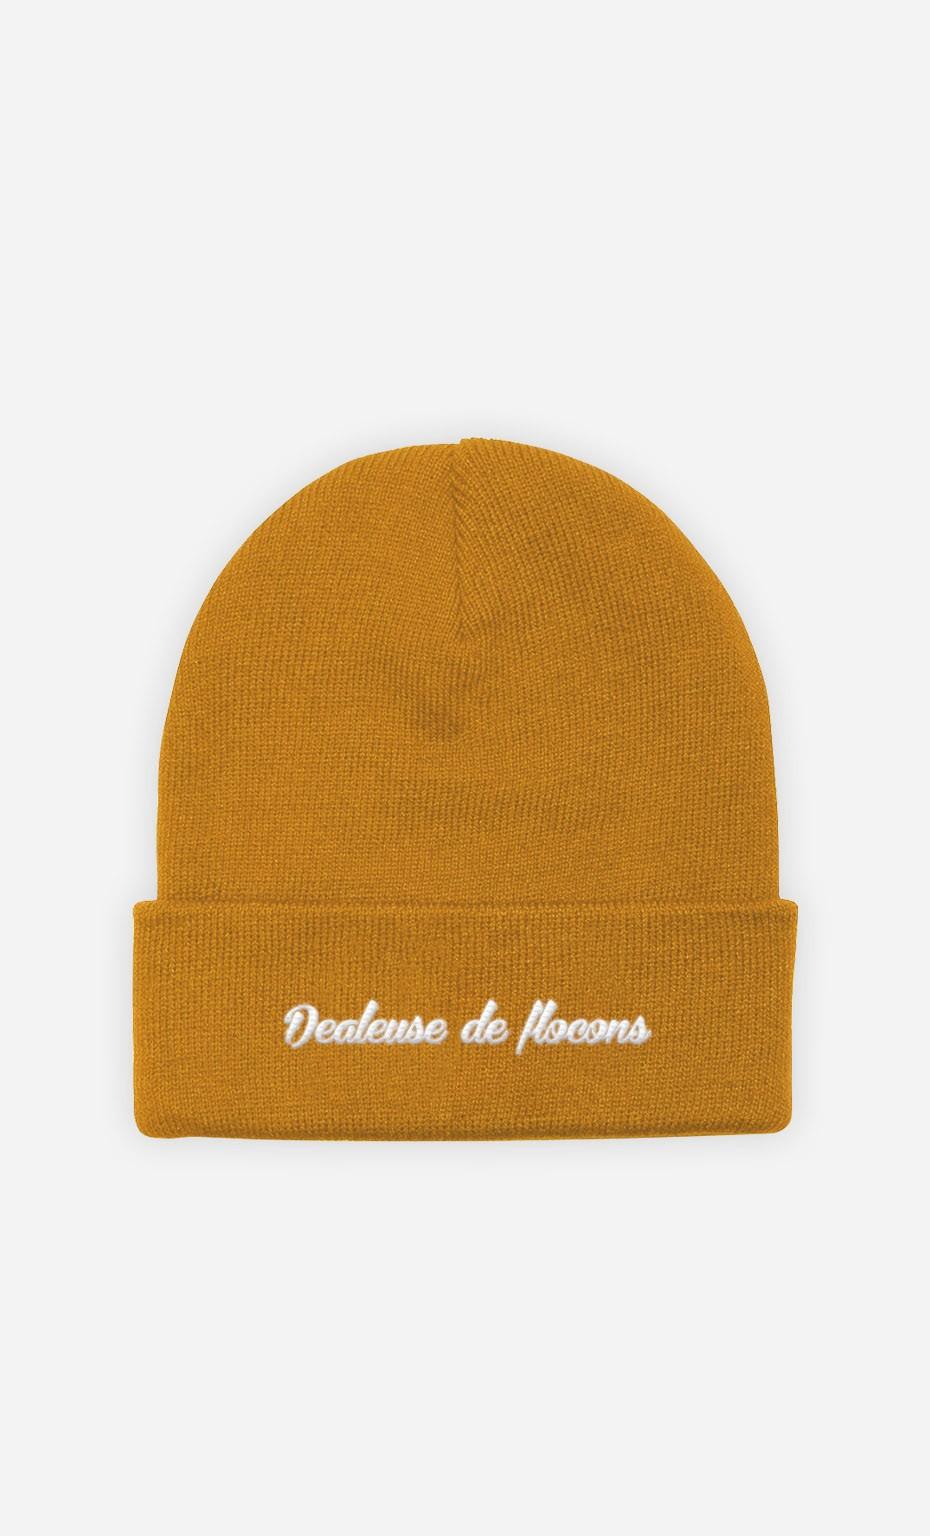 Bonnet Dealeuse de Flocons